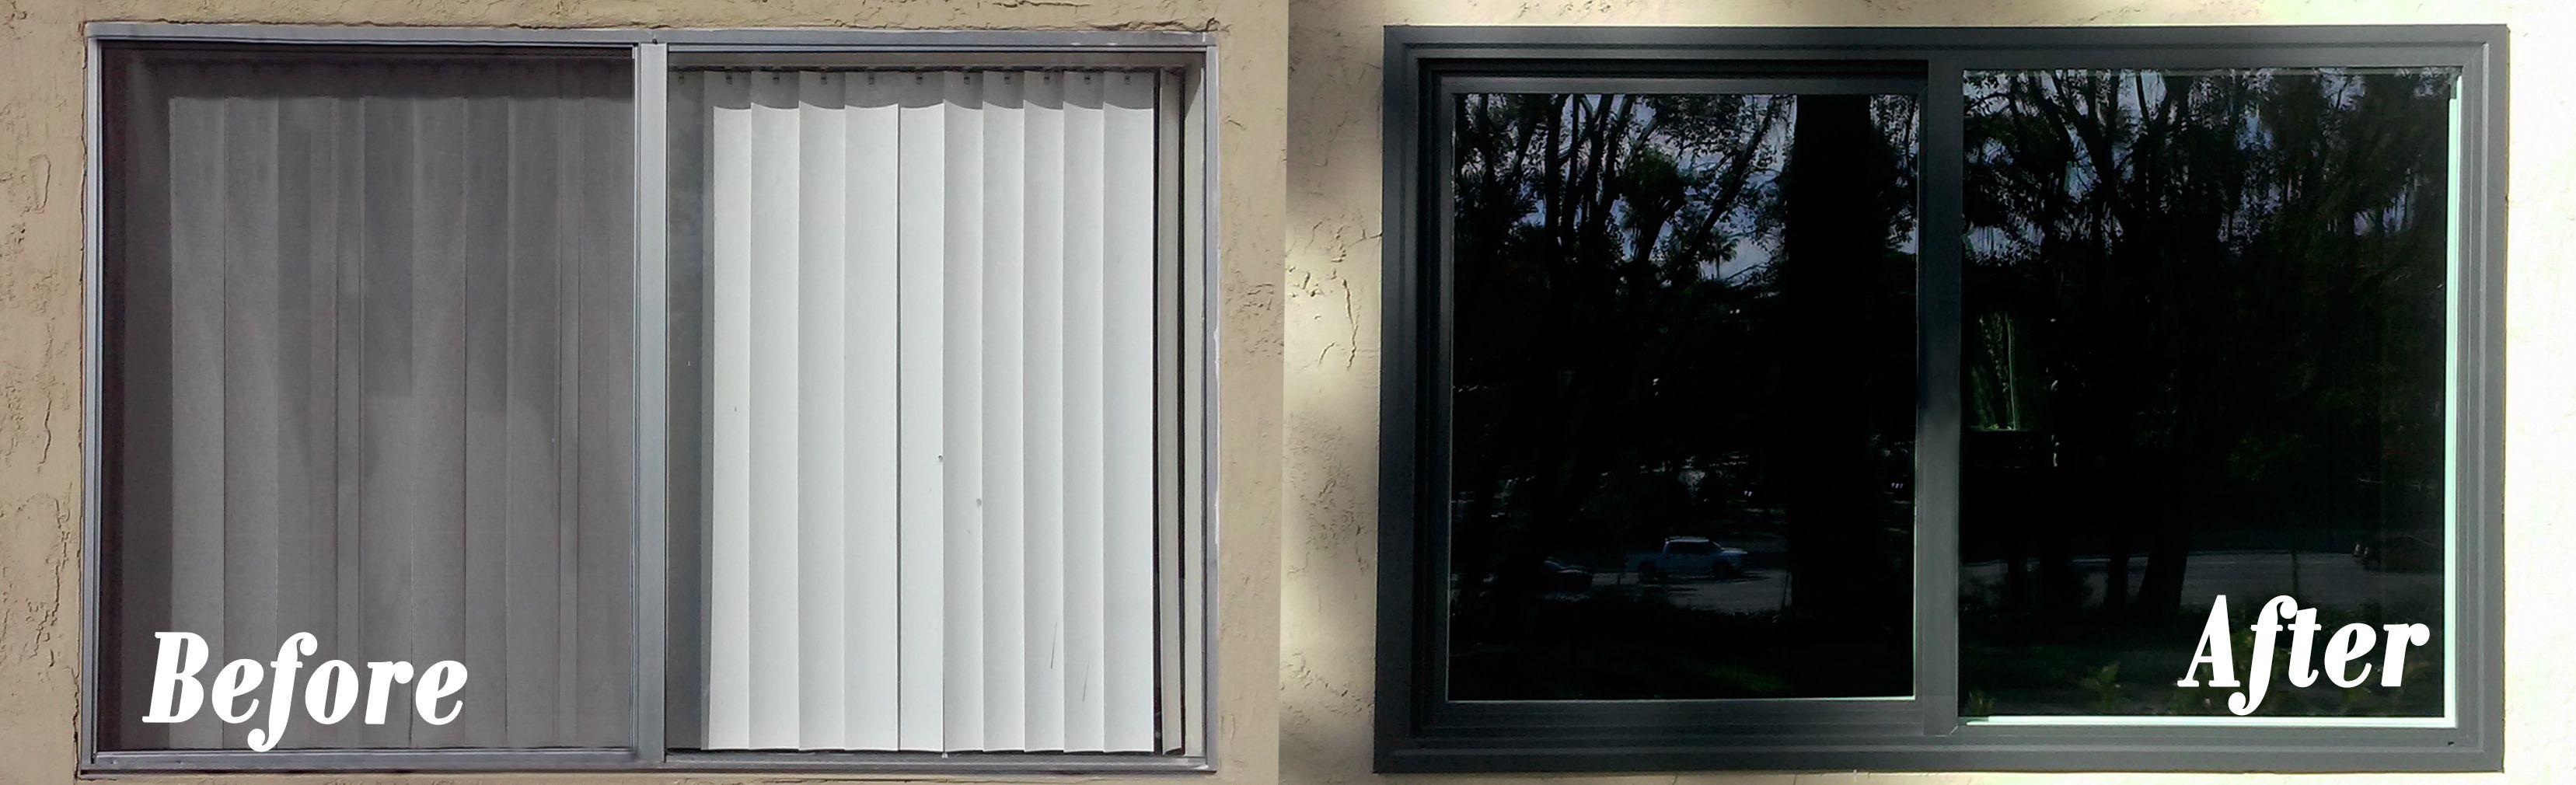 A Styleline Vinyl Window Replacement In La Mesa Before And After Vinyl Replacement Windows Windows And Doors Window Vinyl